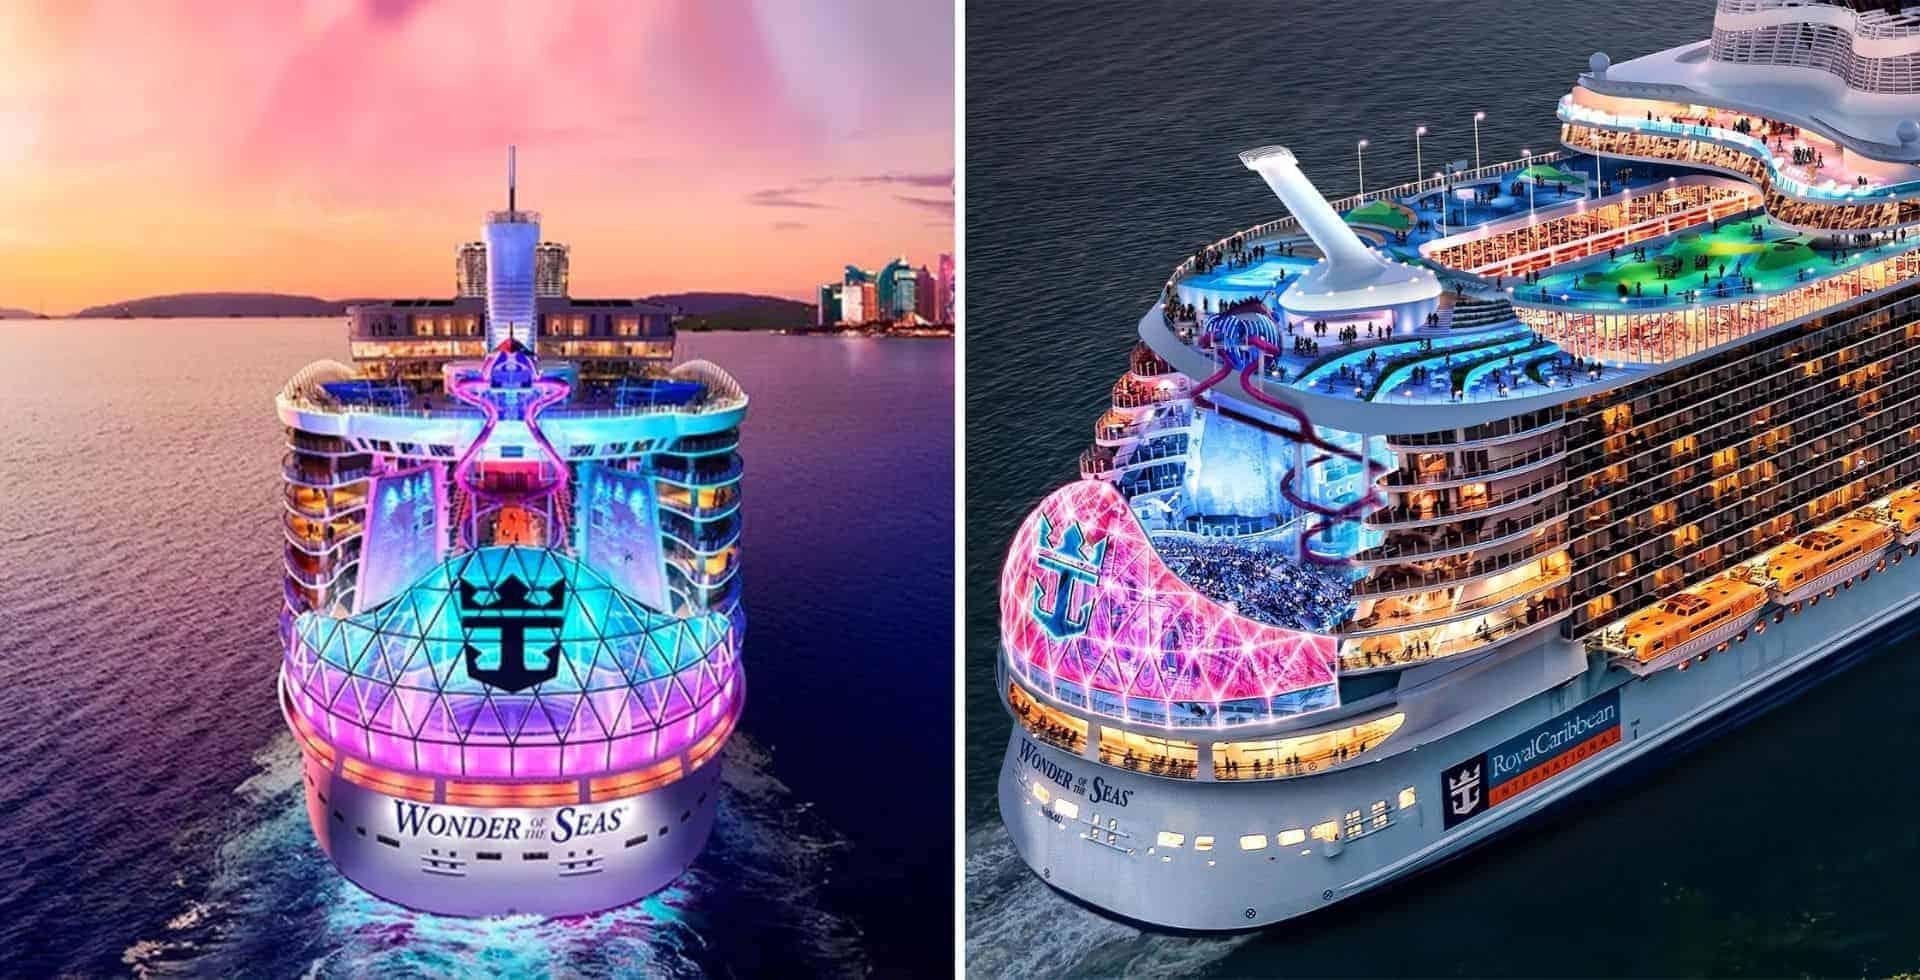 En 2022 el nuevo barco de Royal Caribbean, Wonder of the Seas, hará su debut en China